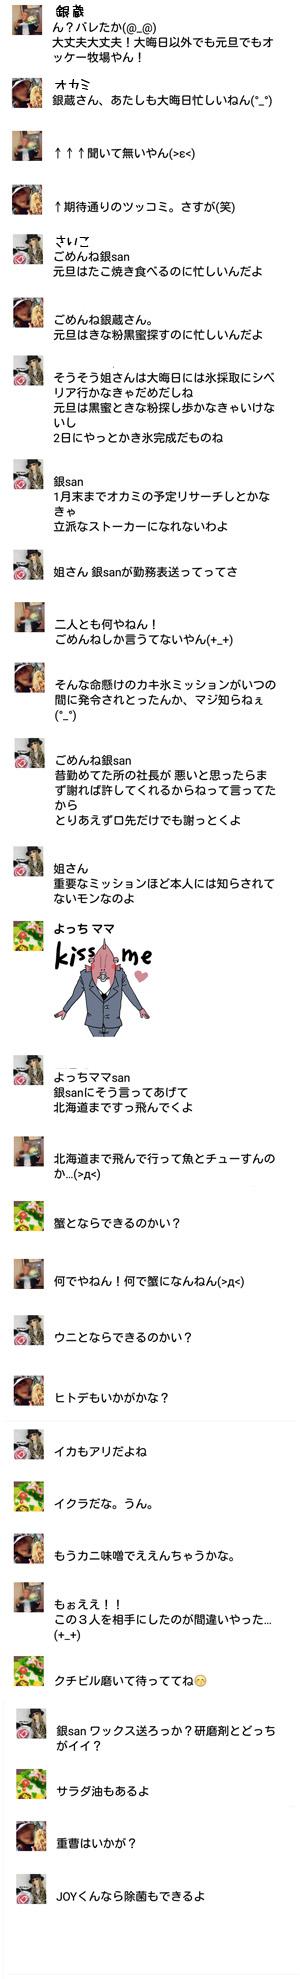 大人のキス事情2